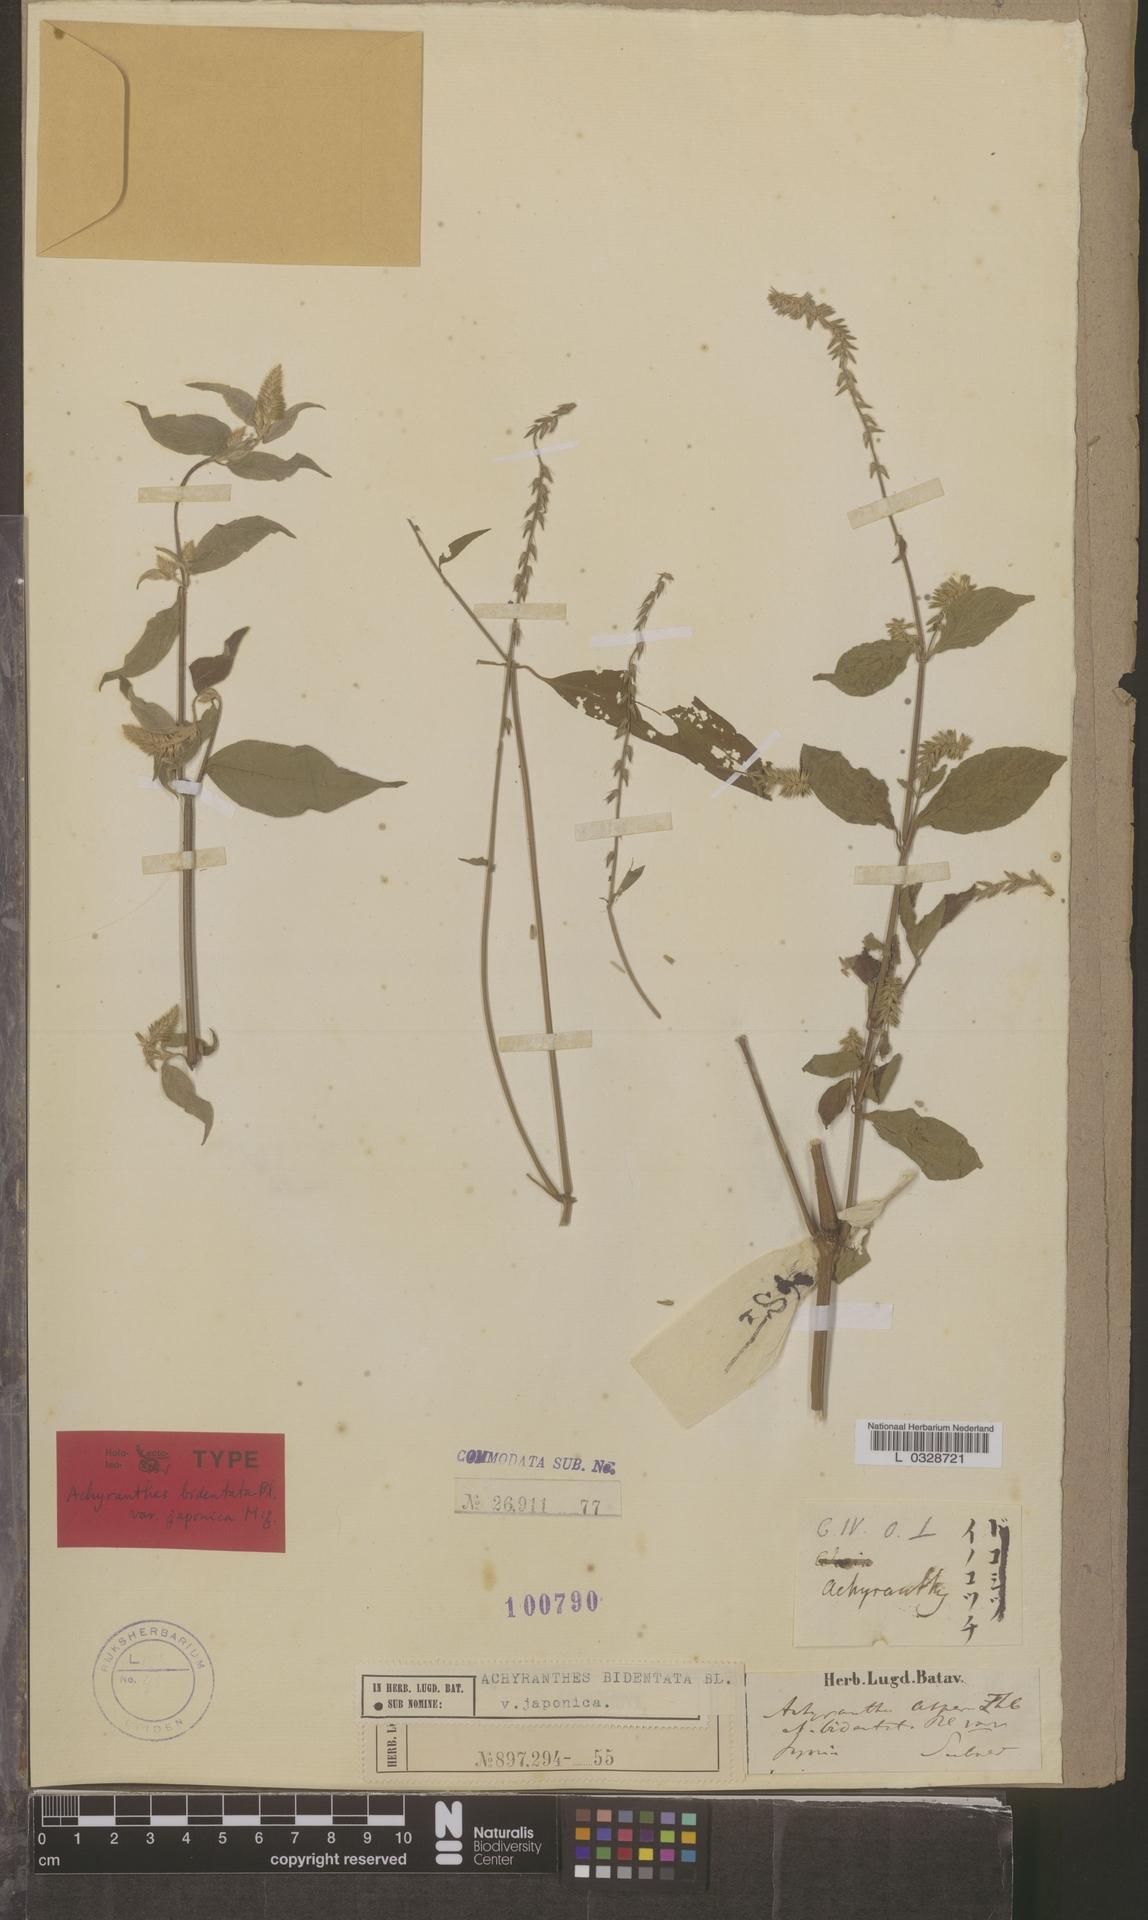 L  0328721 | Achyranthes bidentata var. japonica Miq.